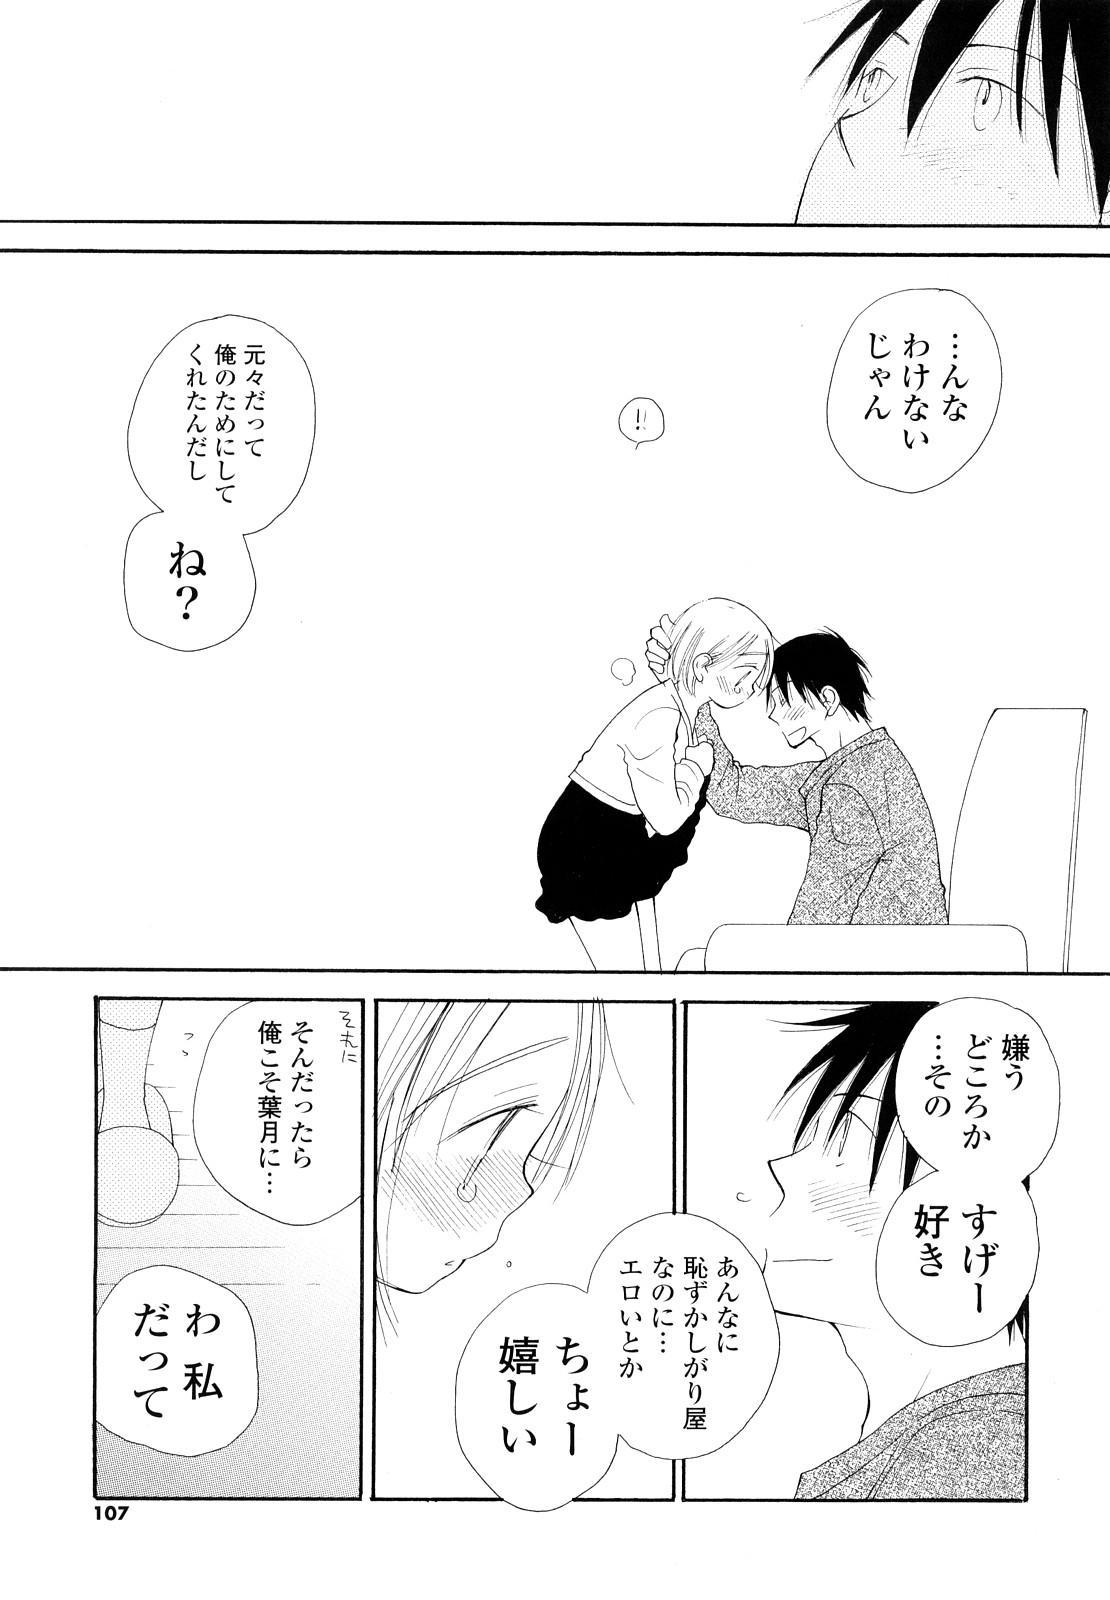 Houkago Nyan Nyan 105